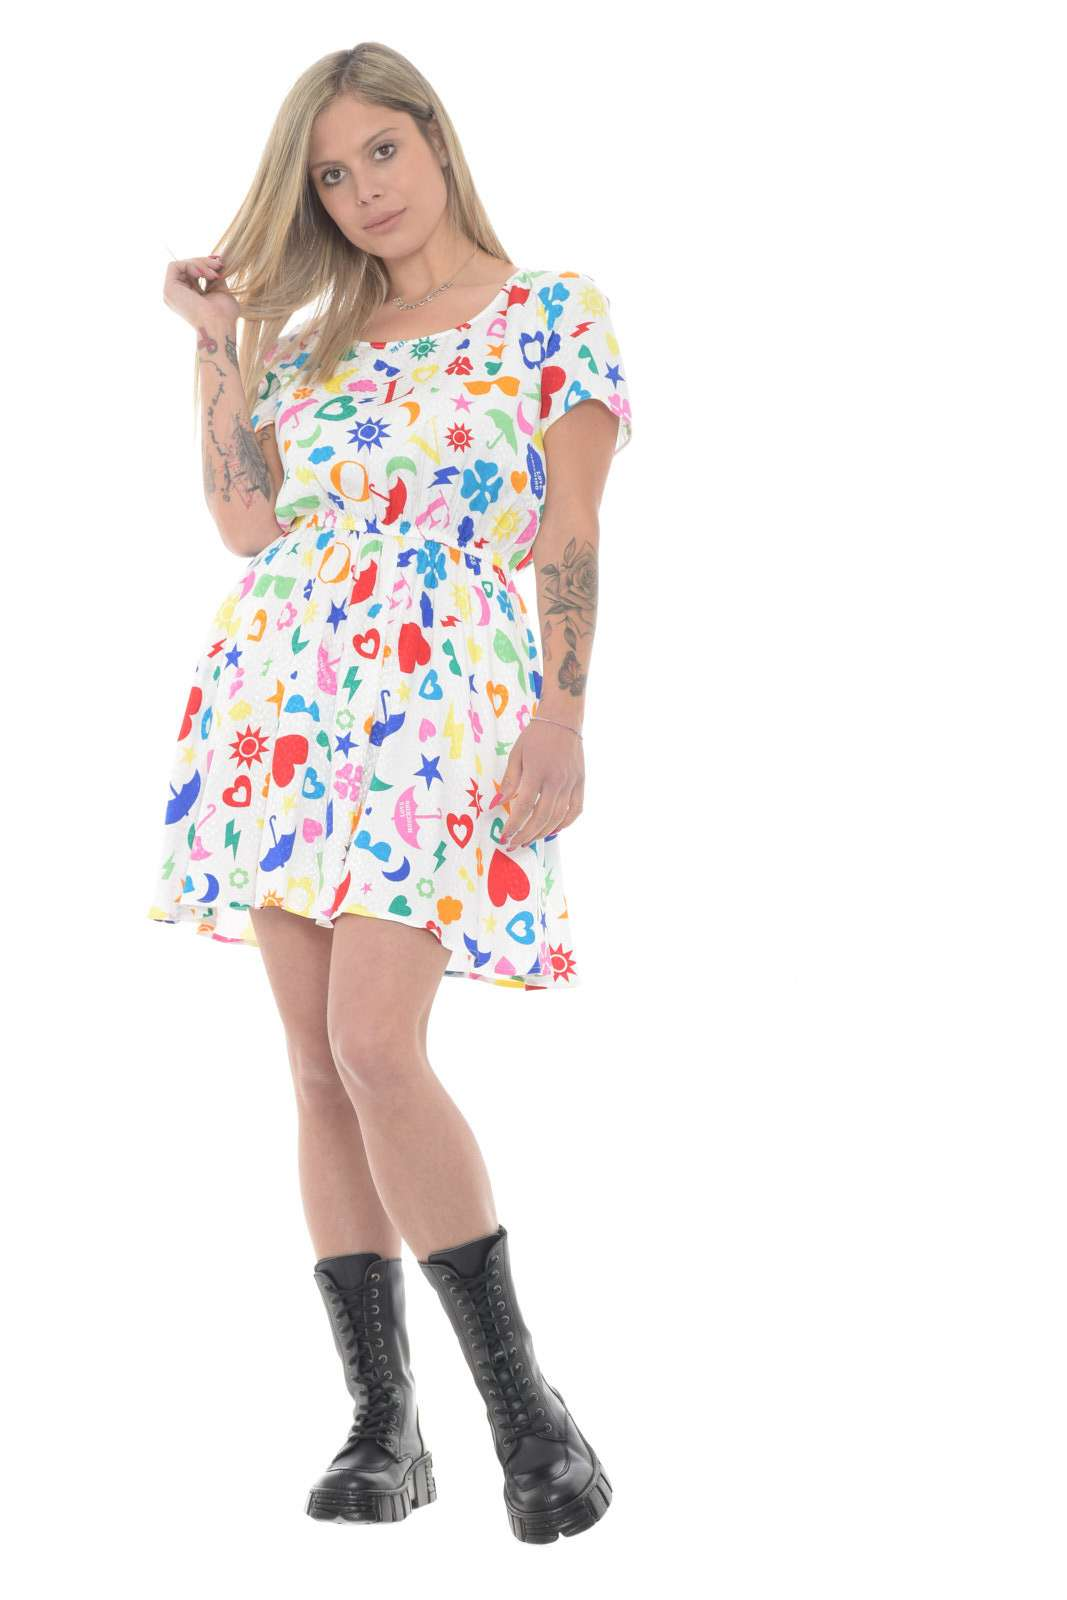 Un capo delicato e femminile l'abito firmato dalla collezione donna Love Moschino. La fantasia parlata lo rende un capo ricercato e perfetto sia per look quotidiani che formali. Un ottimo passe partout per i tuoi outfit.